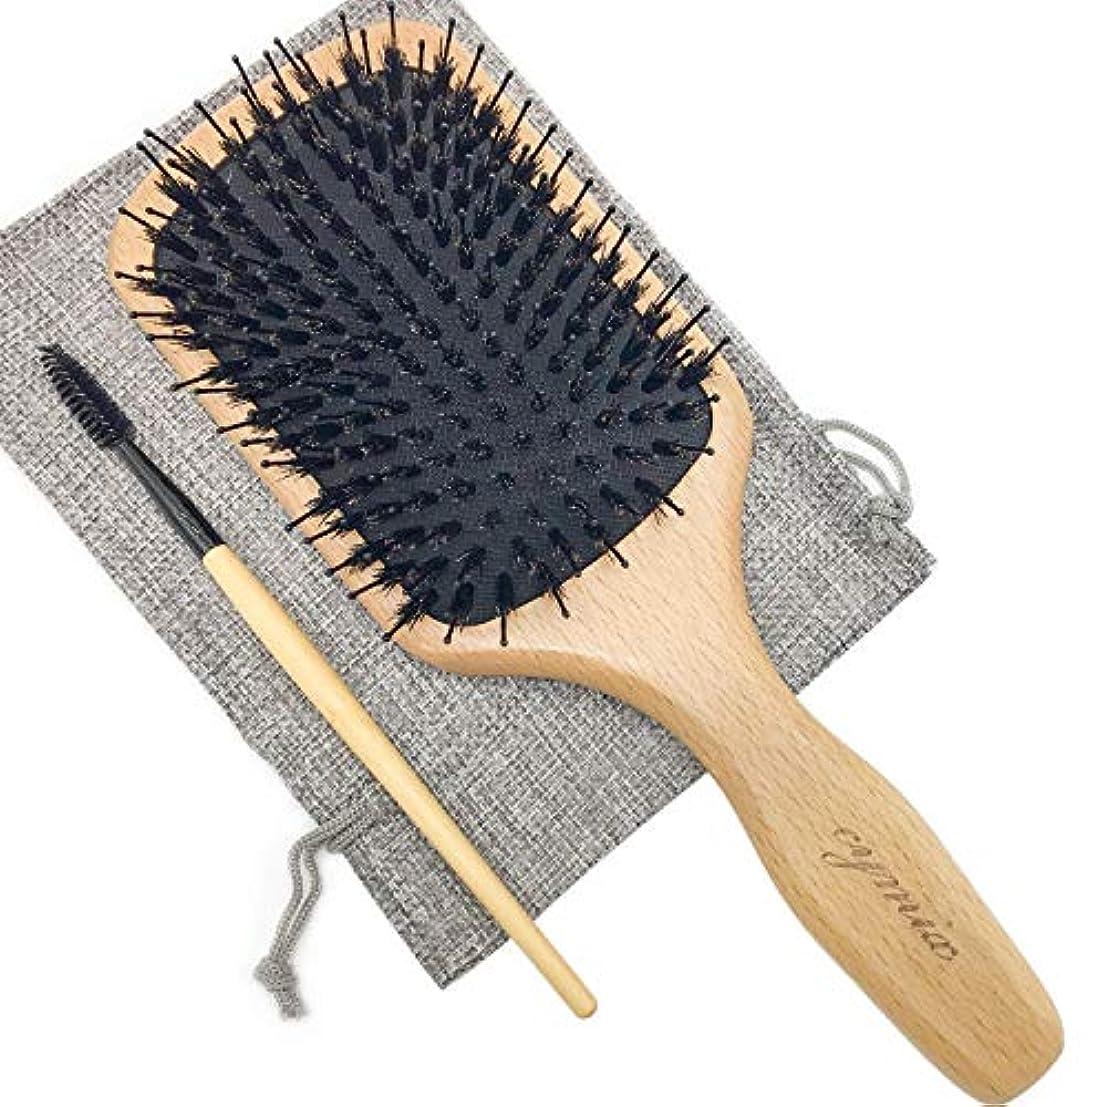 洗練されたインシュレータ活力CYMIX ヘアブラシ 天然豚毛100% 天然木柄 育毛 美髪 静電気防止 頭皮マッサージ 頭皮の血行を促進 プレゼント メンズ レディース 女の子に適し